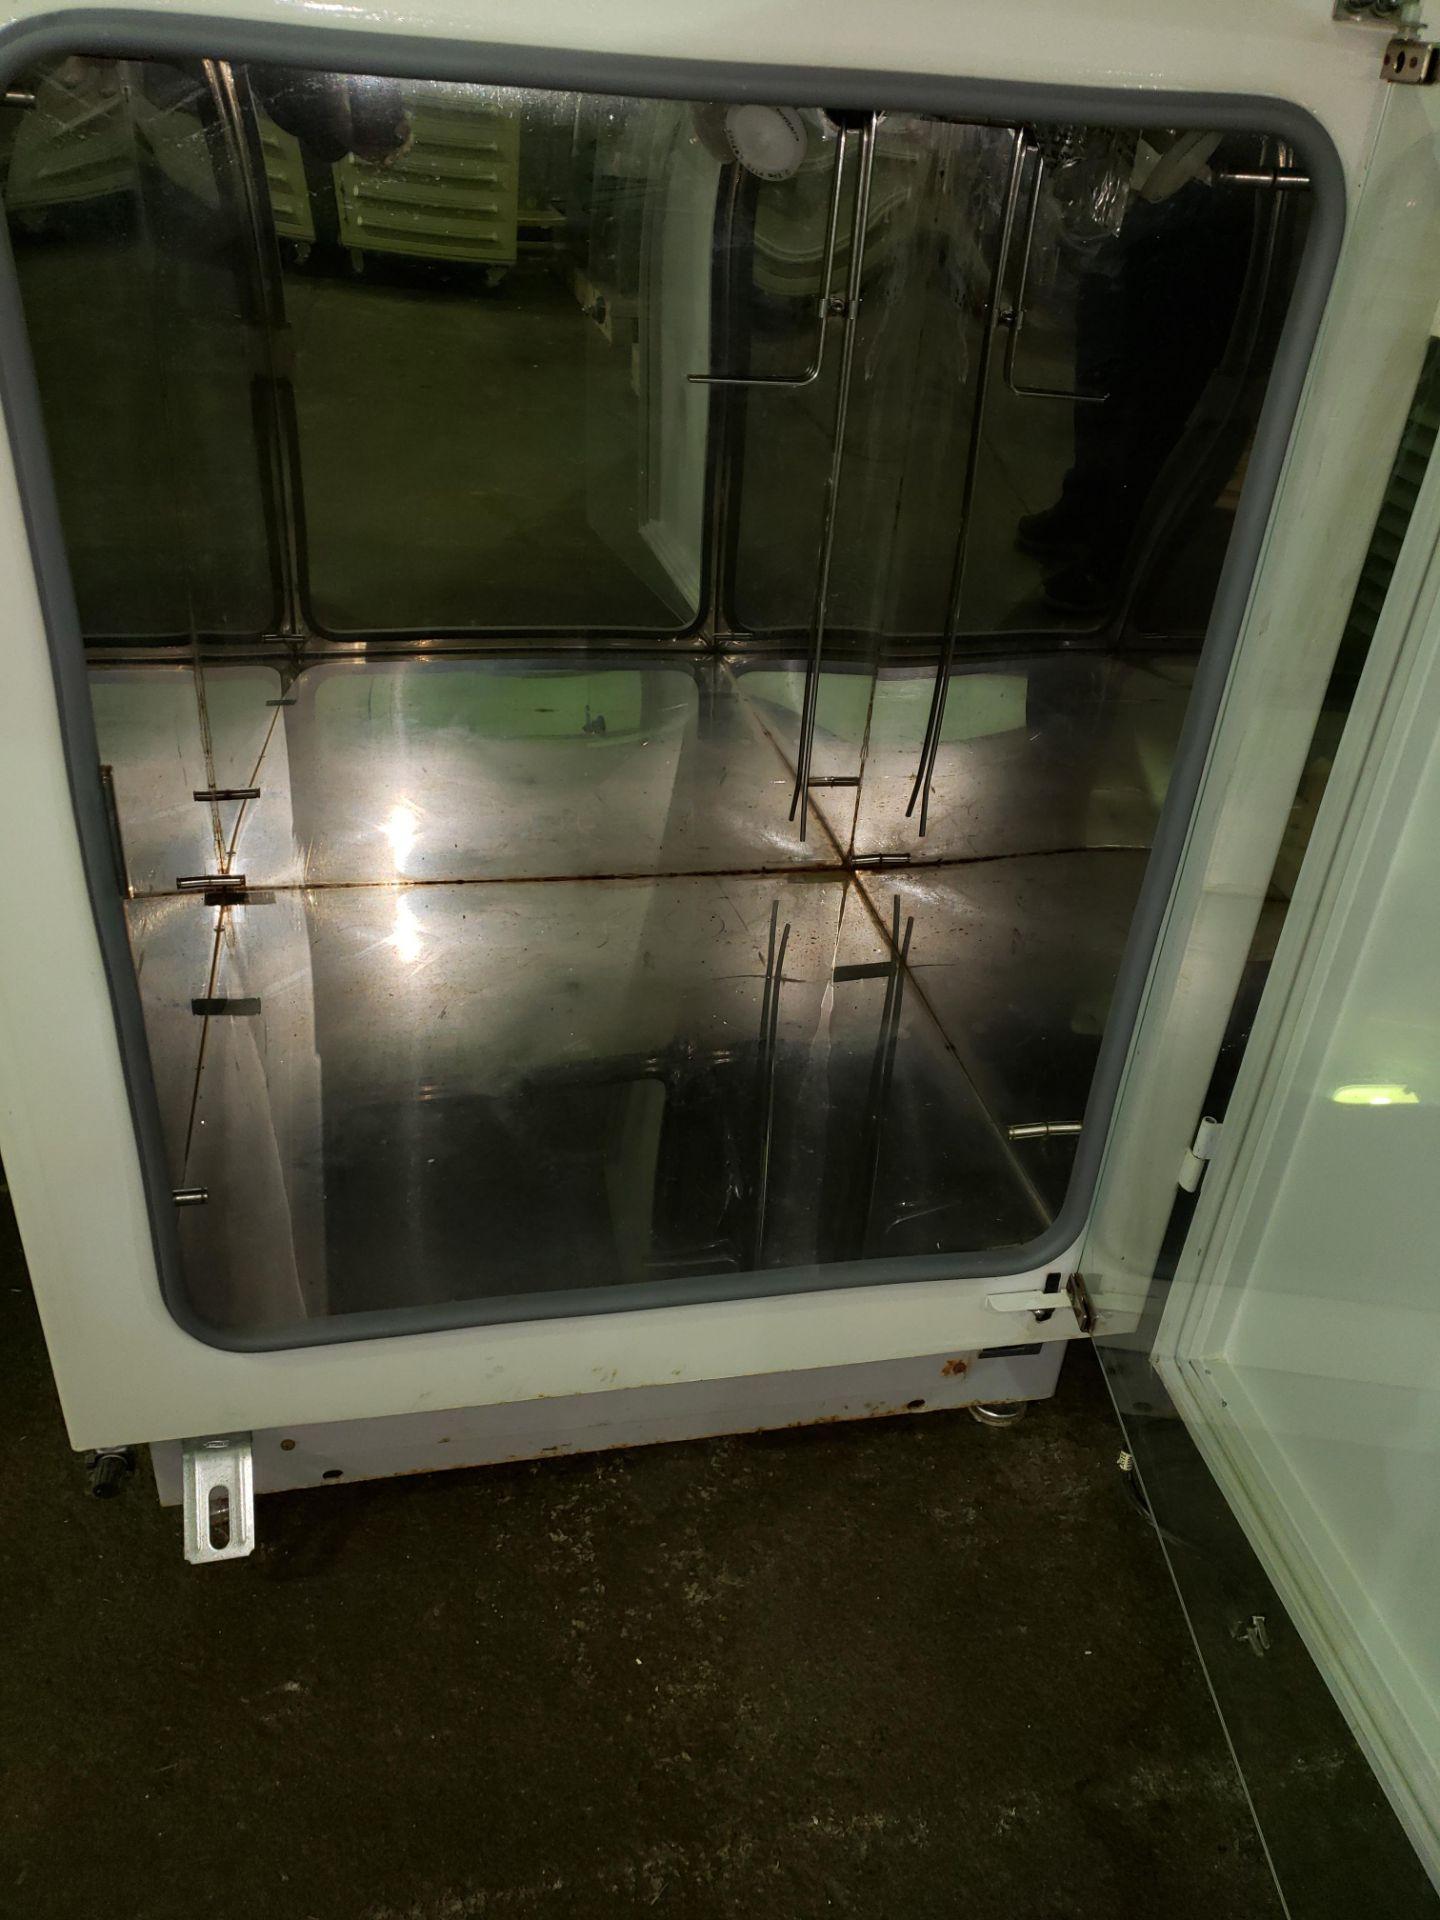 Lot 52 - Nuaire IR Autoflow Incubator, model NU-2500, Series 24, water jacketed, serial# 71532.